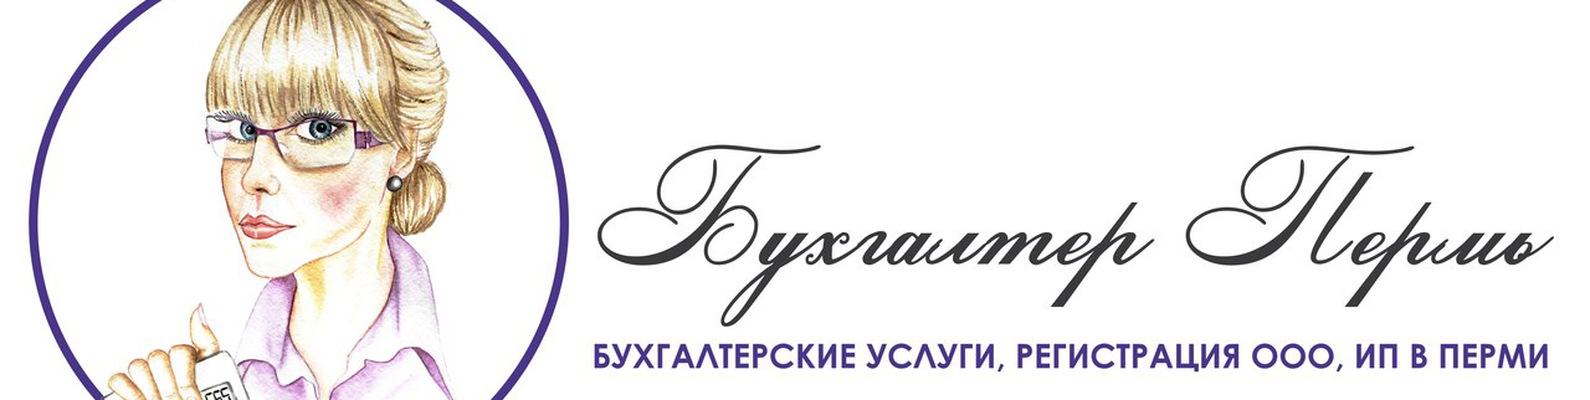 Бухгалтерские услуги регистрация регистрация помощь бухгалтеру